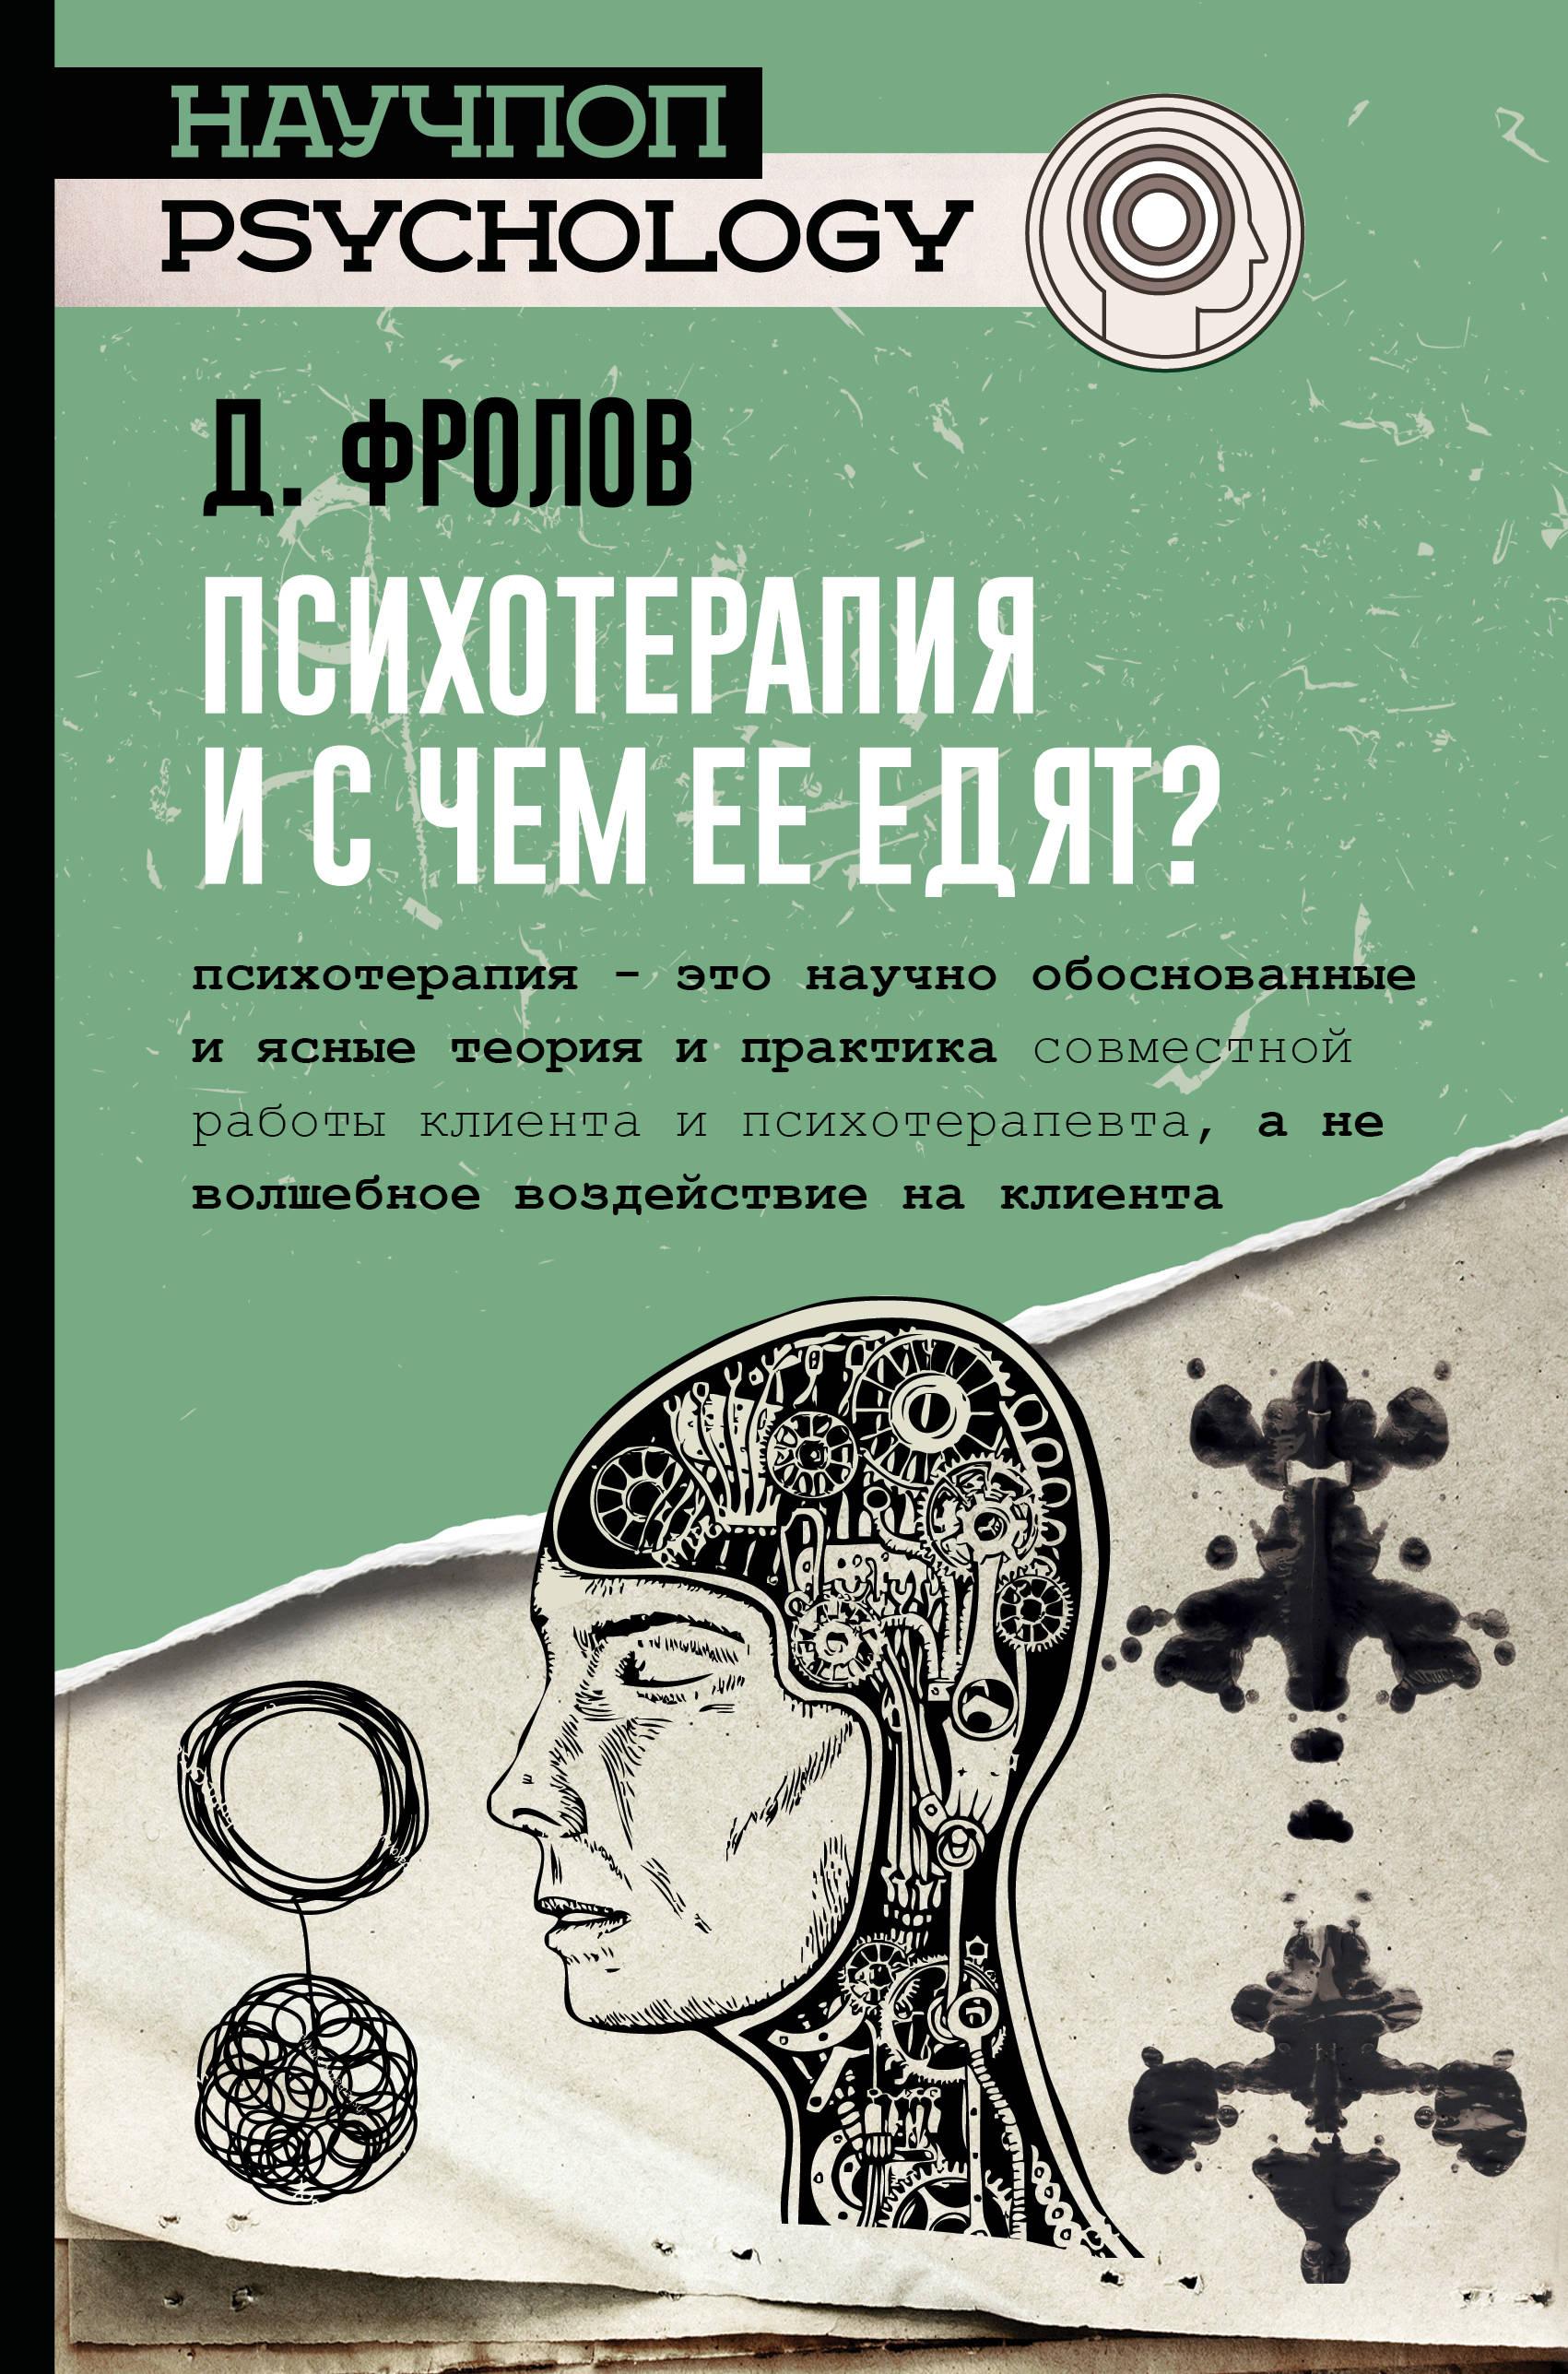 Д. Фролов Психотерапия, и с чем ее едят?